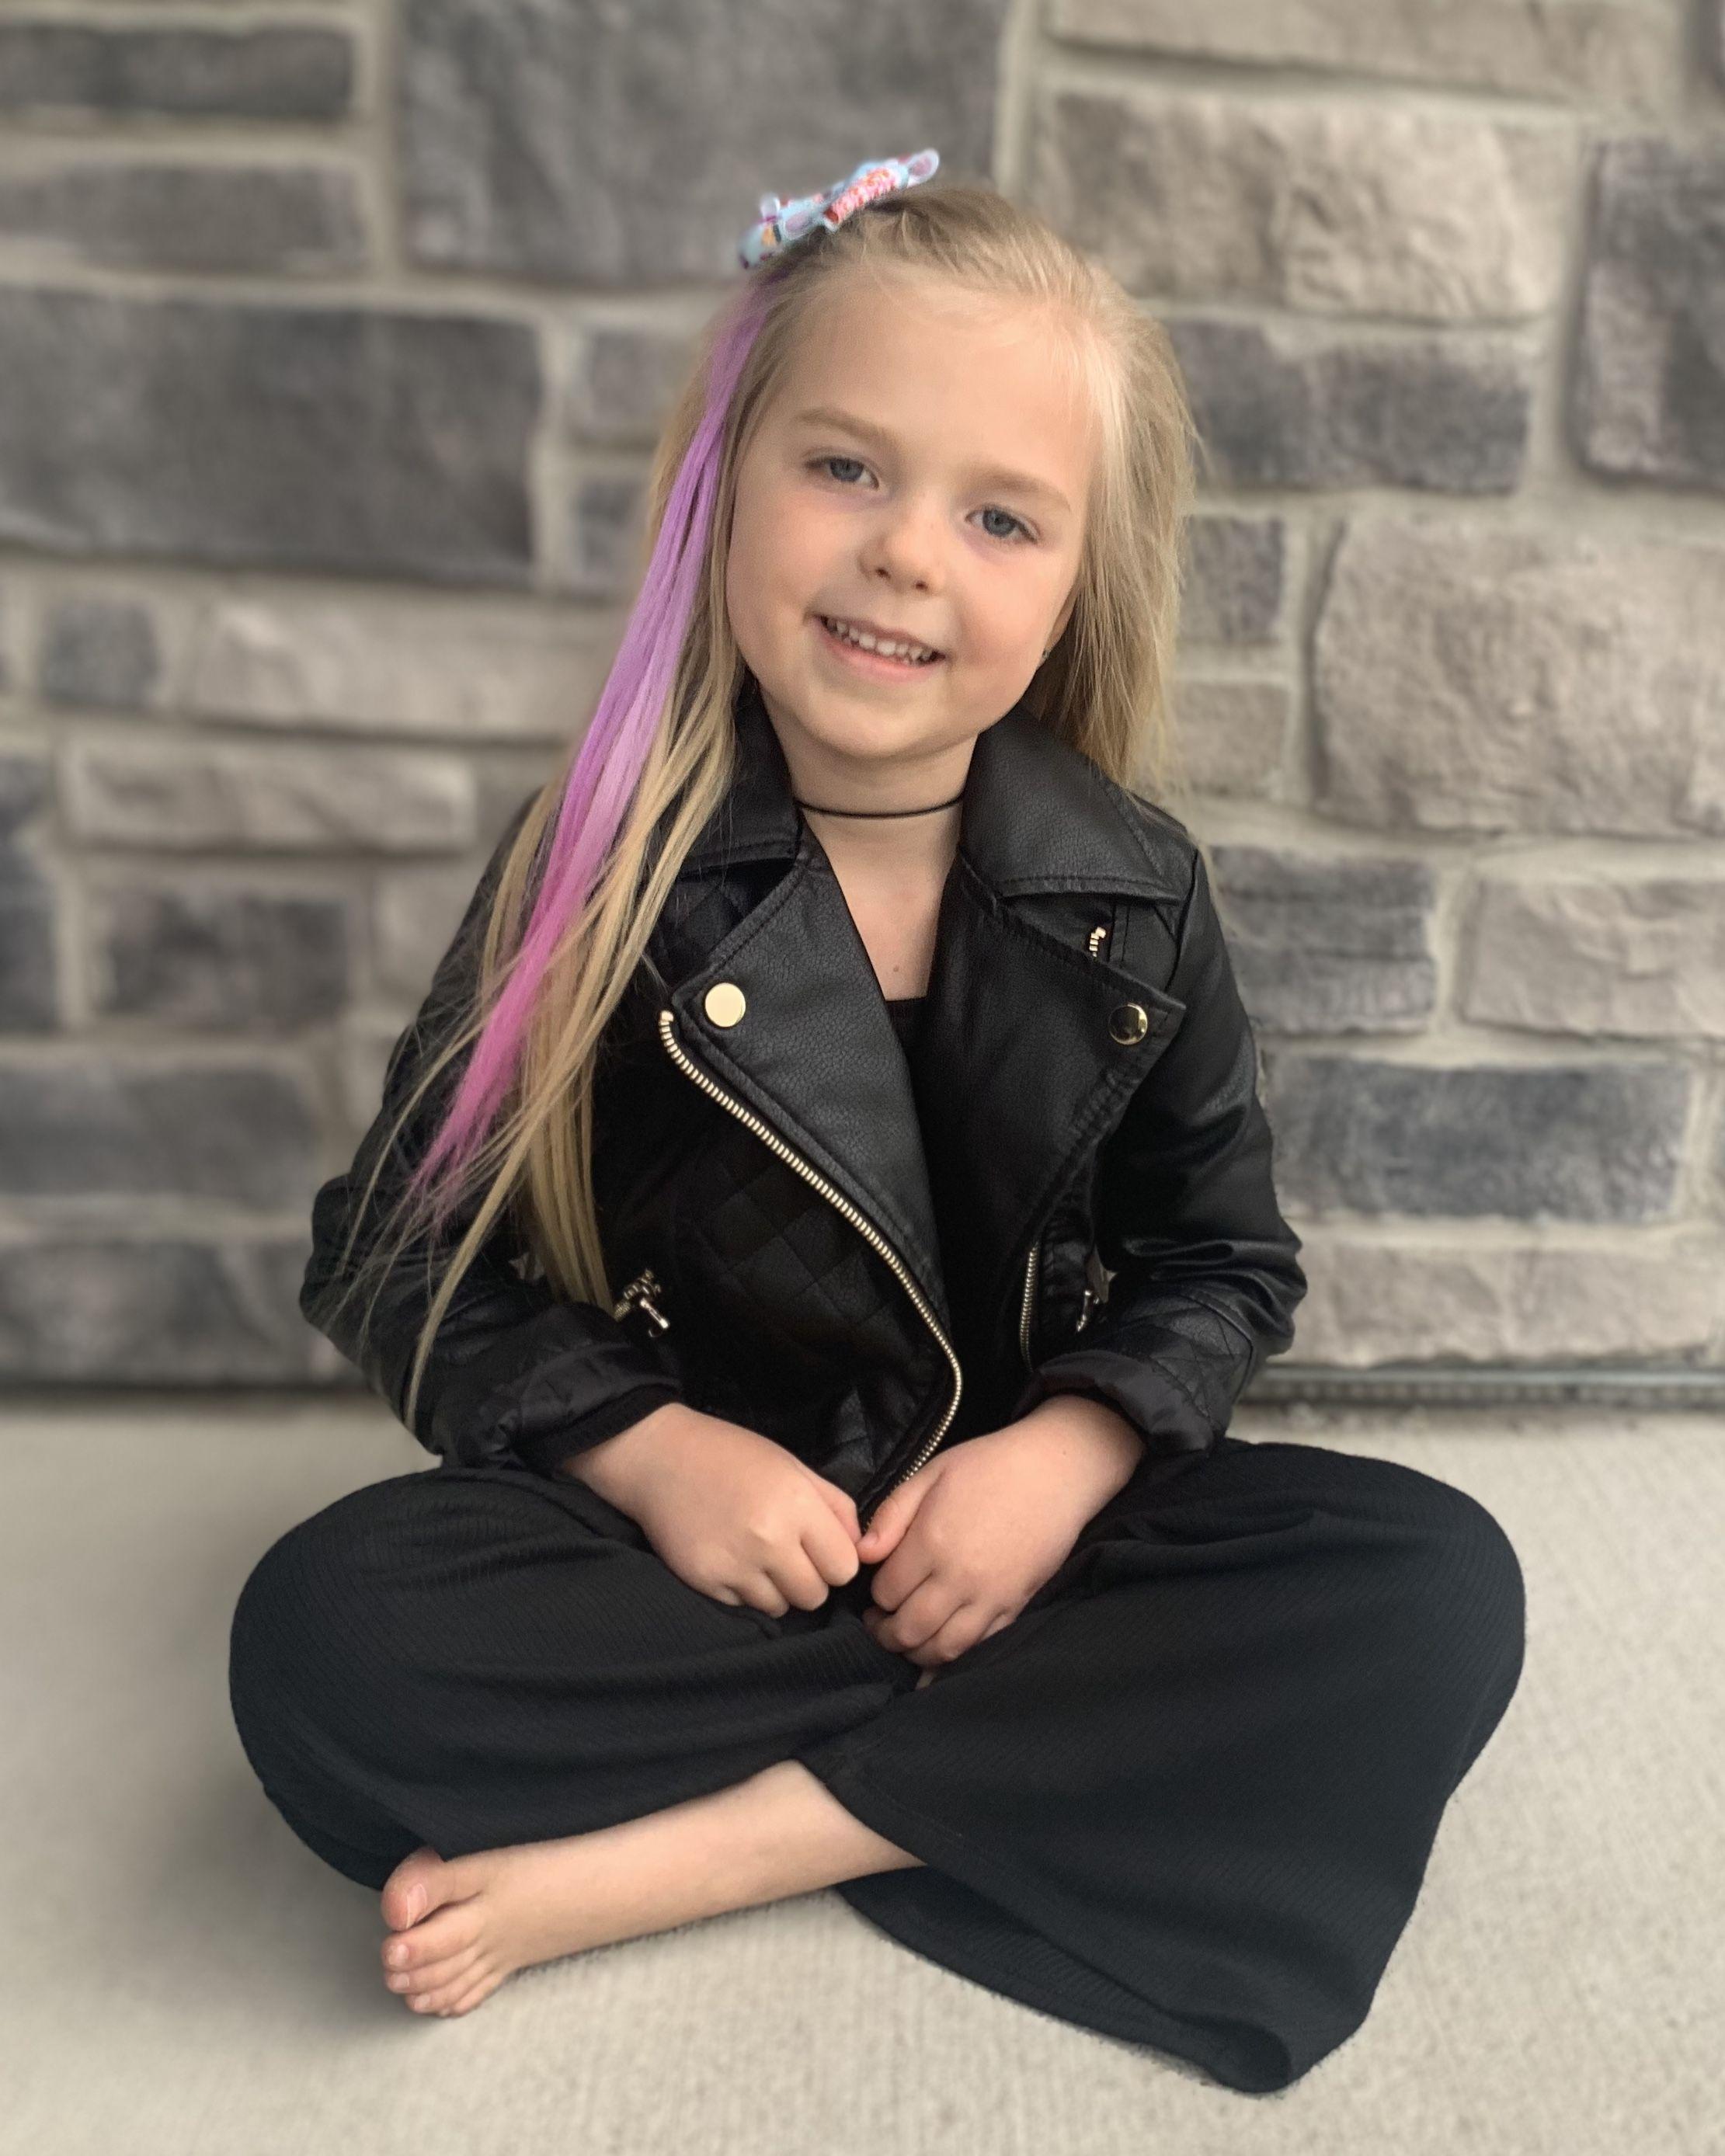 Toddler Fashion Toddler Girl Style Toddler Fashion Toddler Hair [ 2776 x 2221 Pixel ]